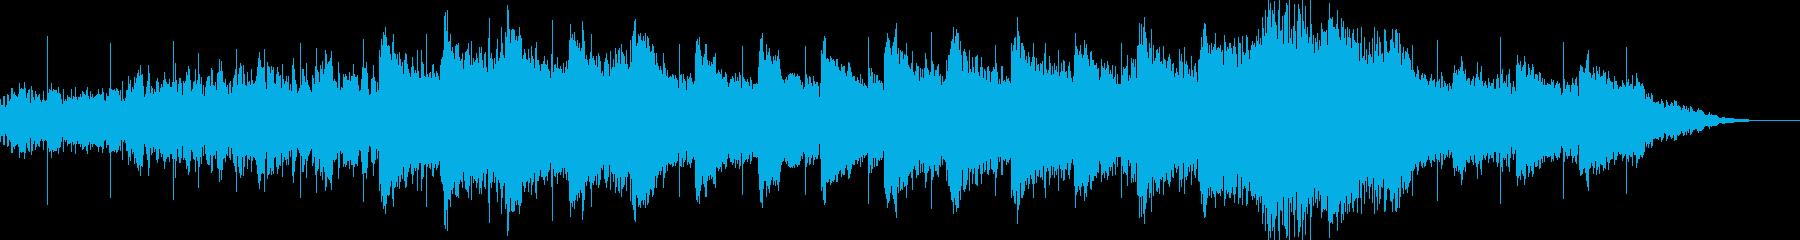 アンビエント環境音楽ヒーリング-13の再生済みの波形